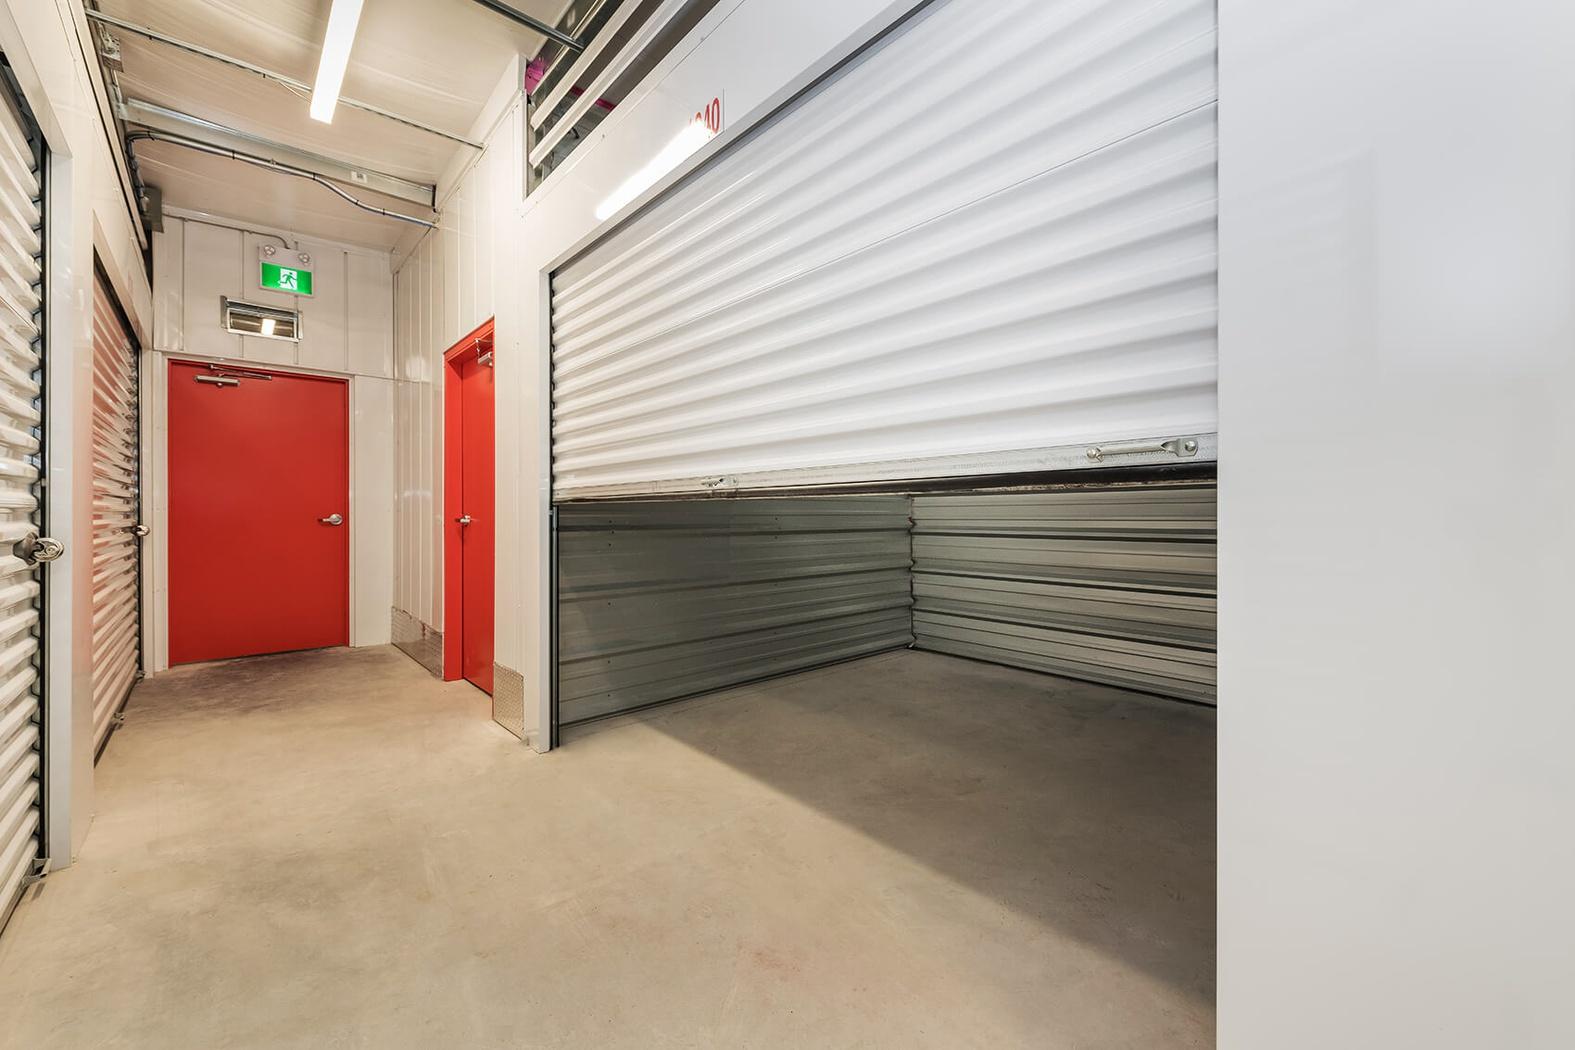 La succursale Access Storage – Kitchener Woodside, située au 891, rue Guelph, a la solution d'entreposage qu'il vous faut. Réservez dès aujourd'hui!